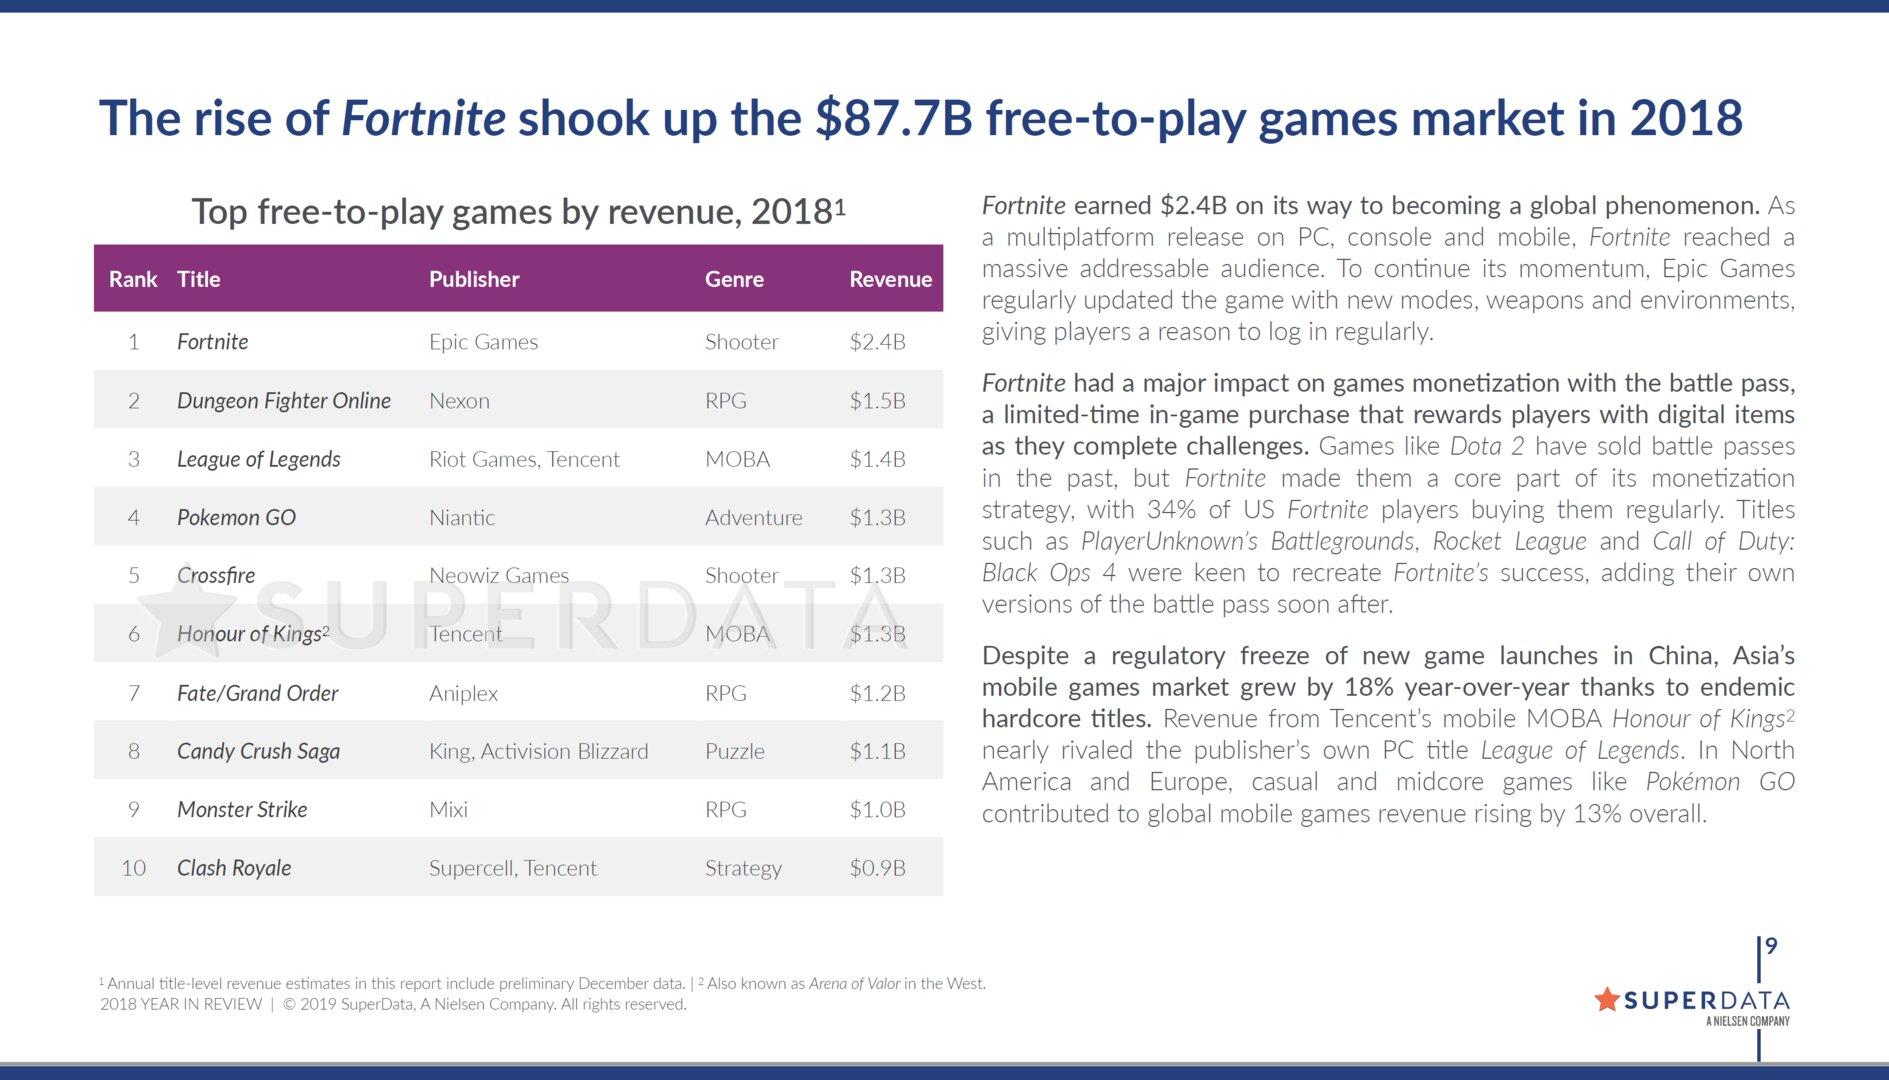 Fortnite führt das Segment der Free-to-Play-Titel an